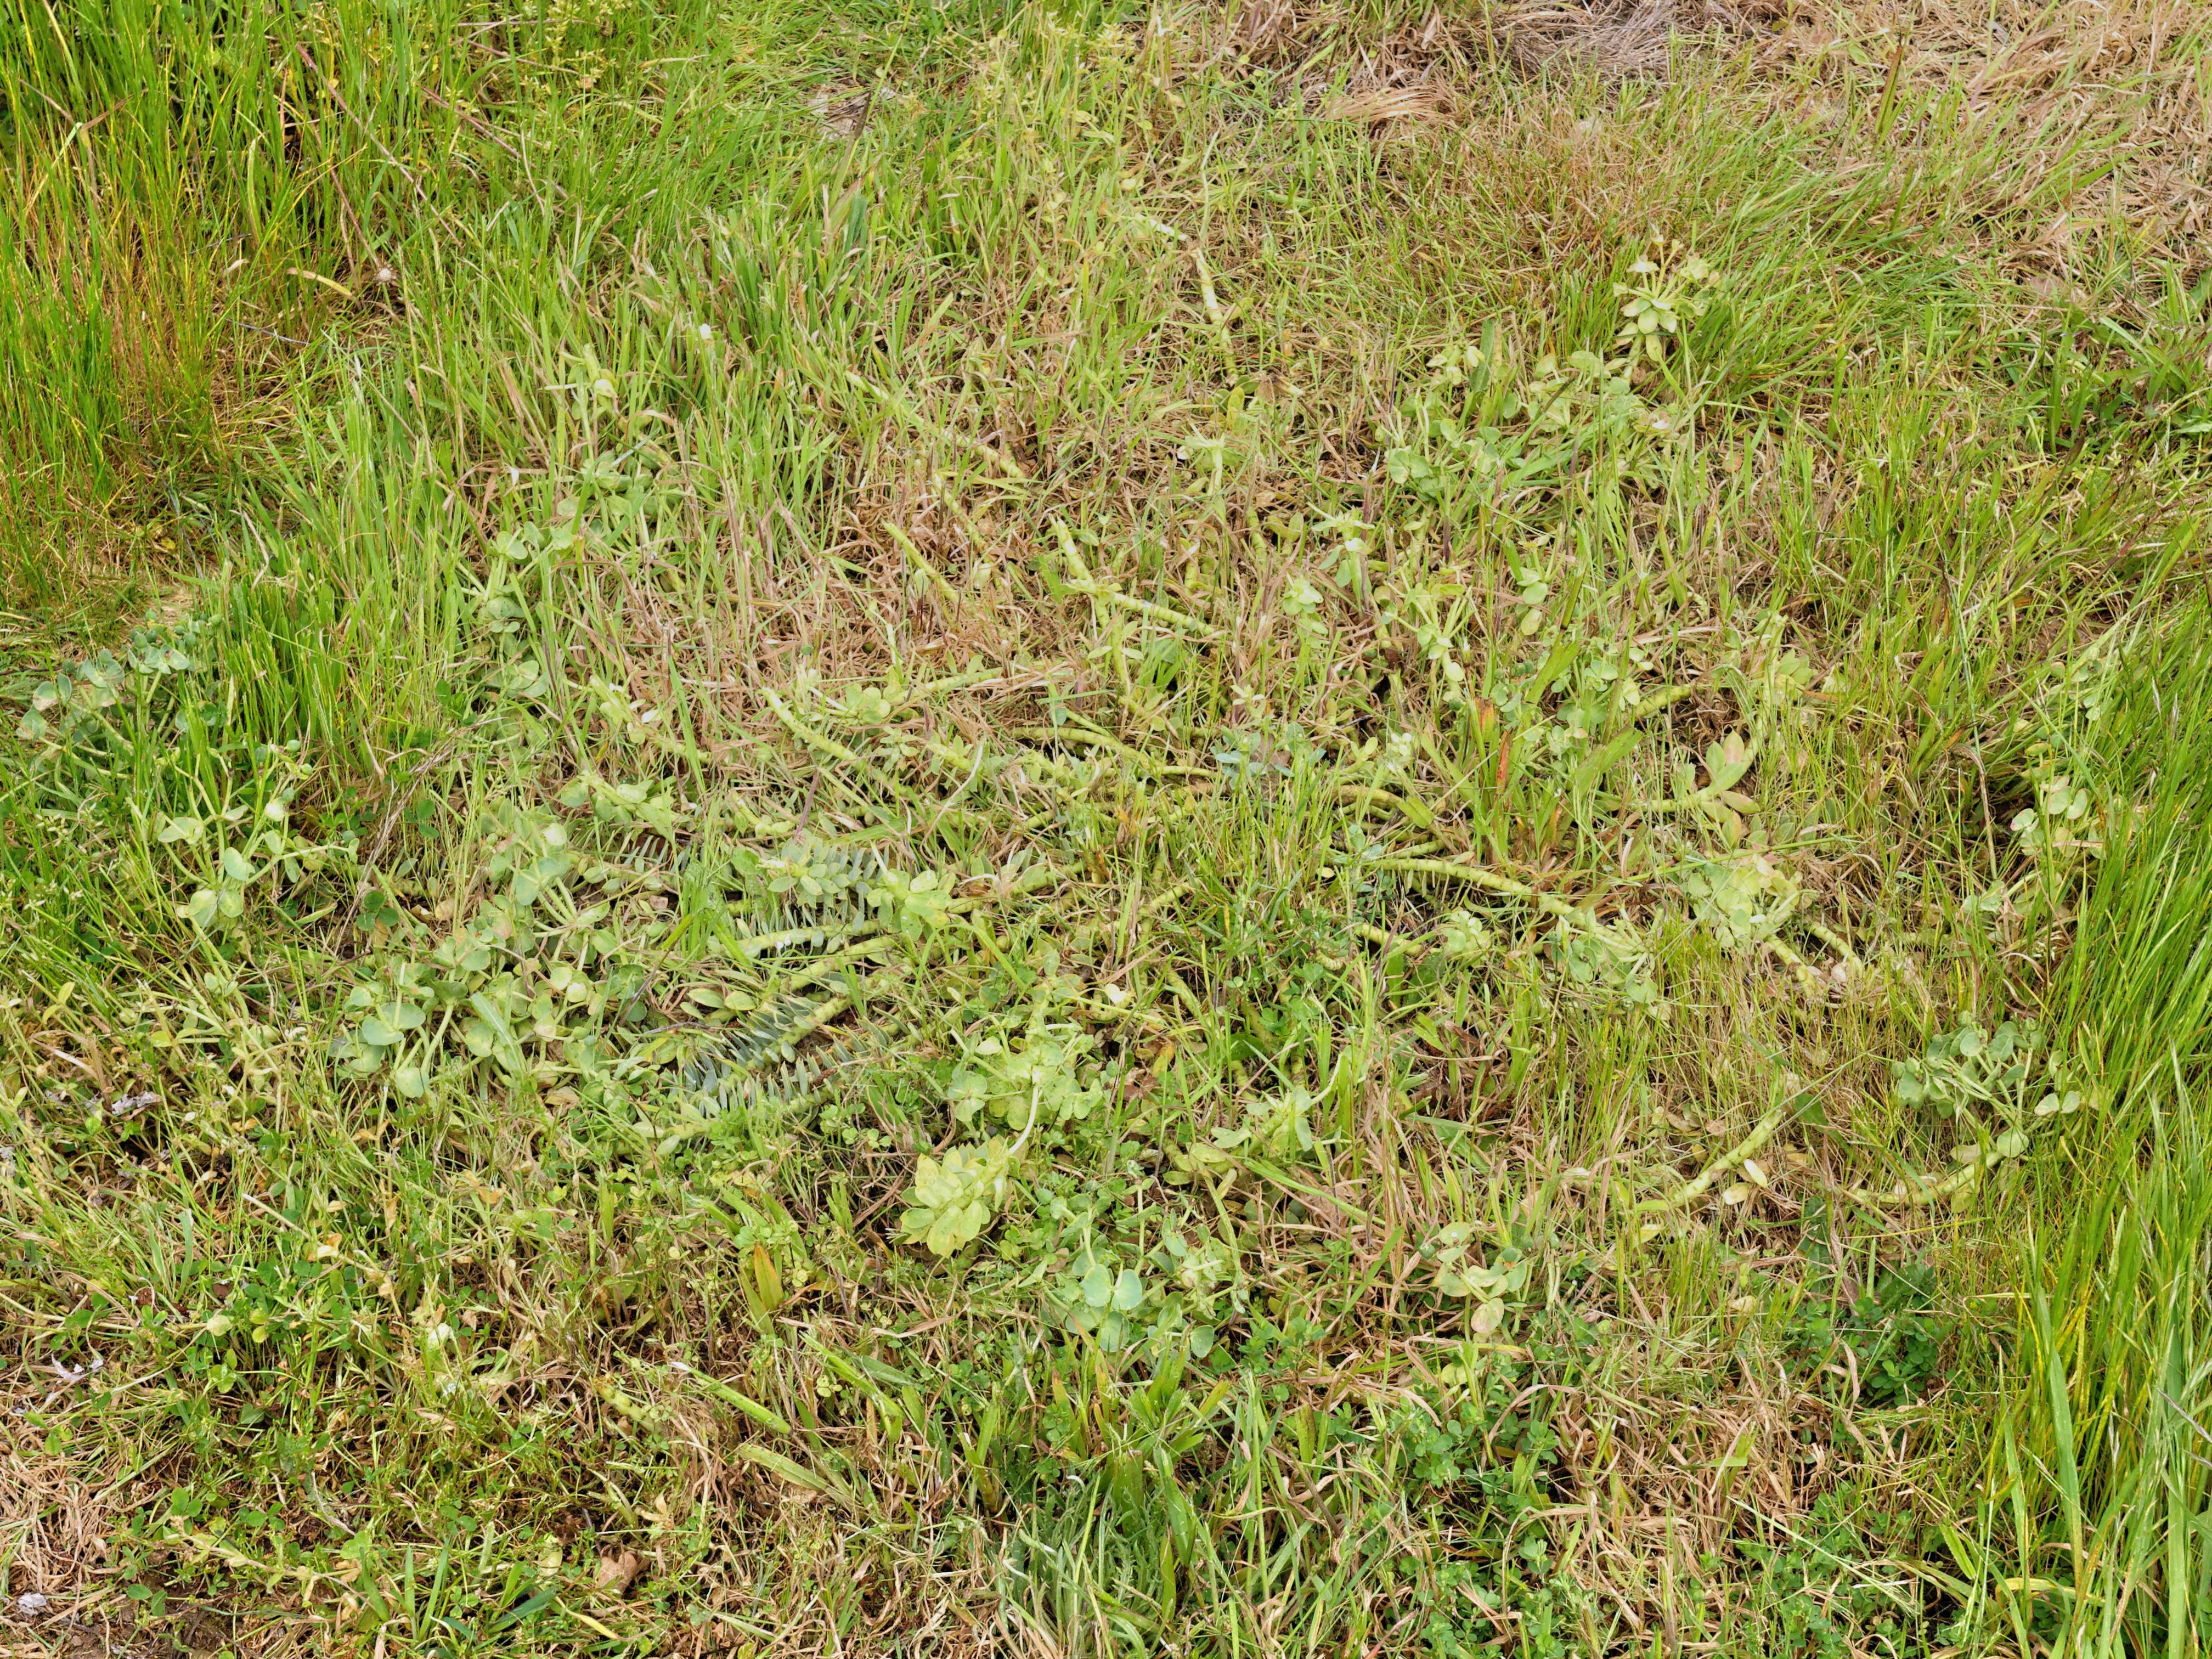 Euphorbia-1.jpeg